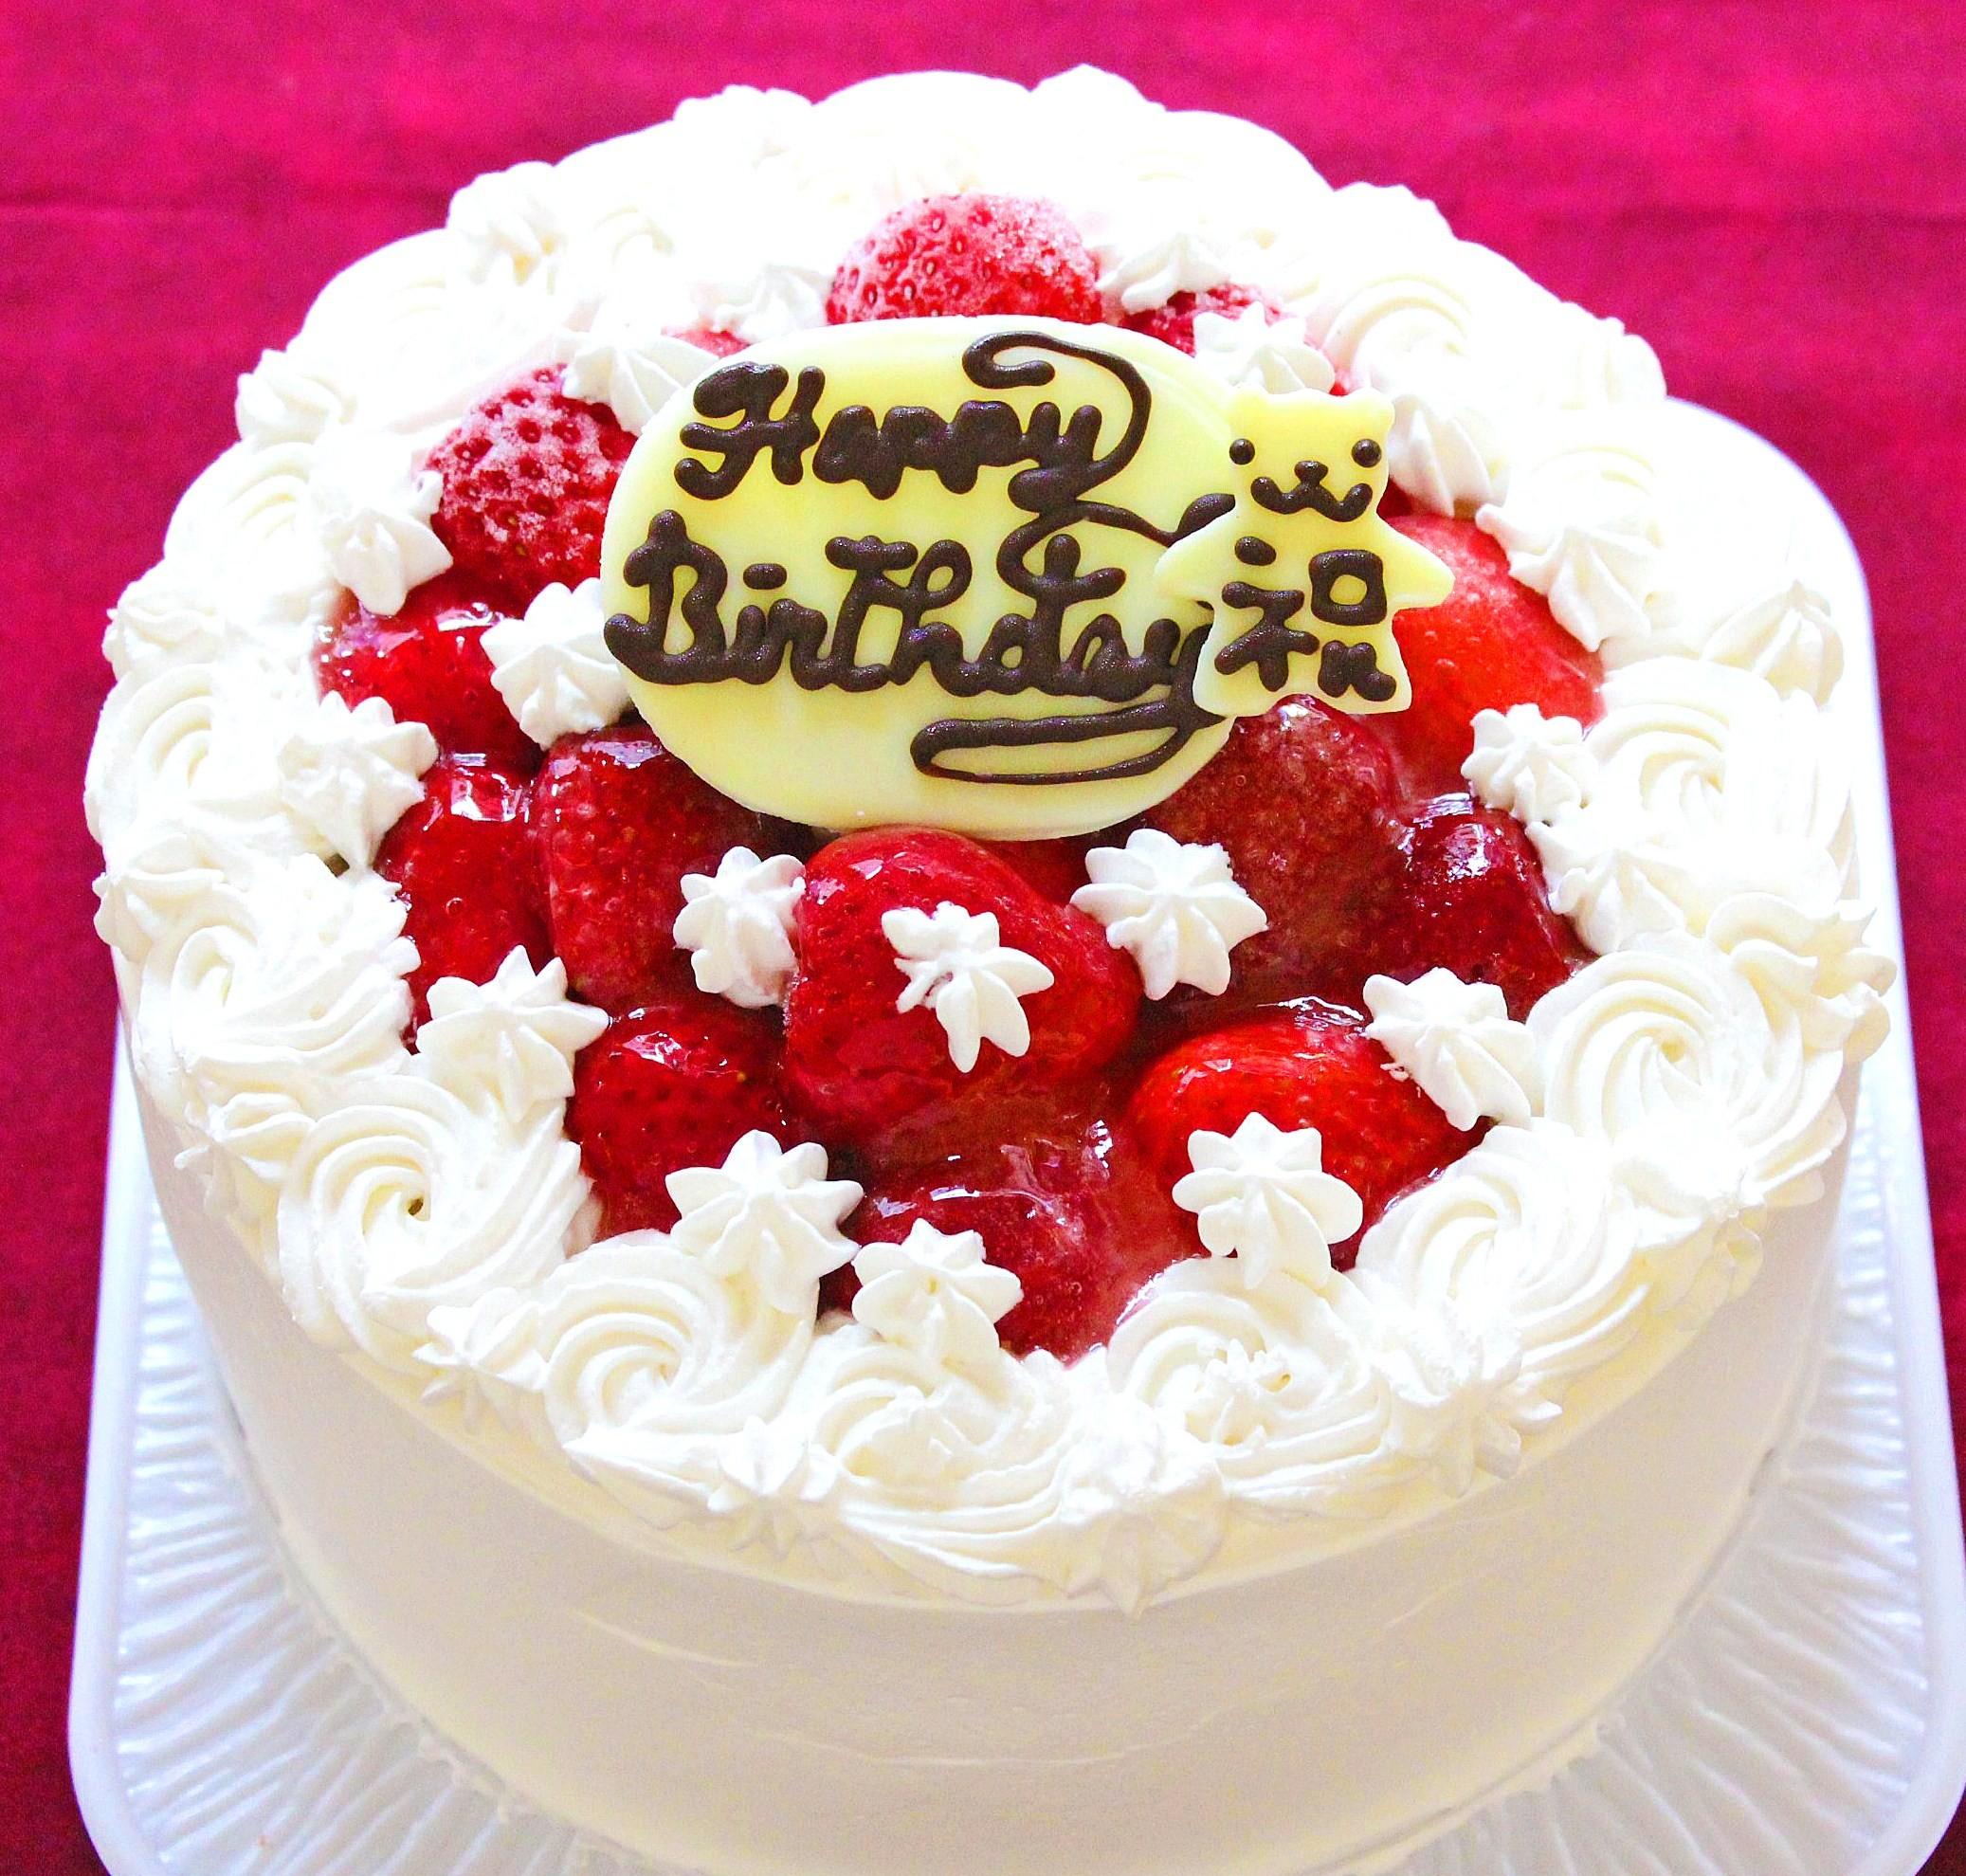 北海道生クリーム使用☆苺のデコレーションケーキ  6号の画像1枚目